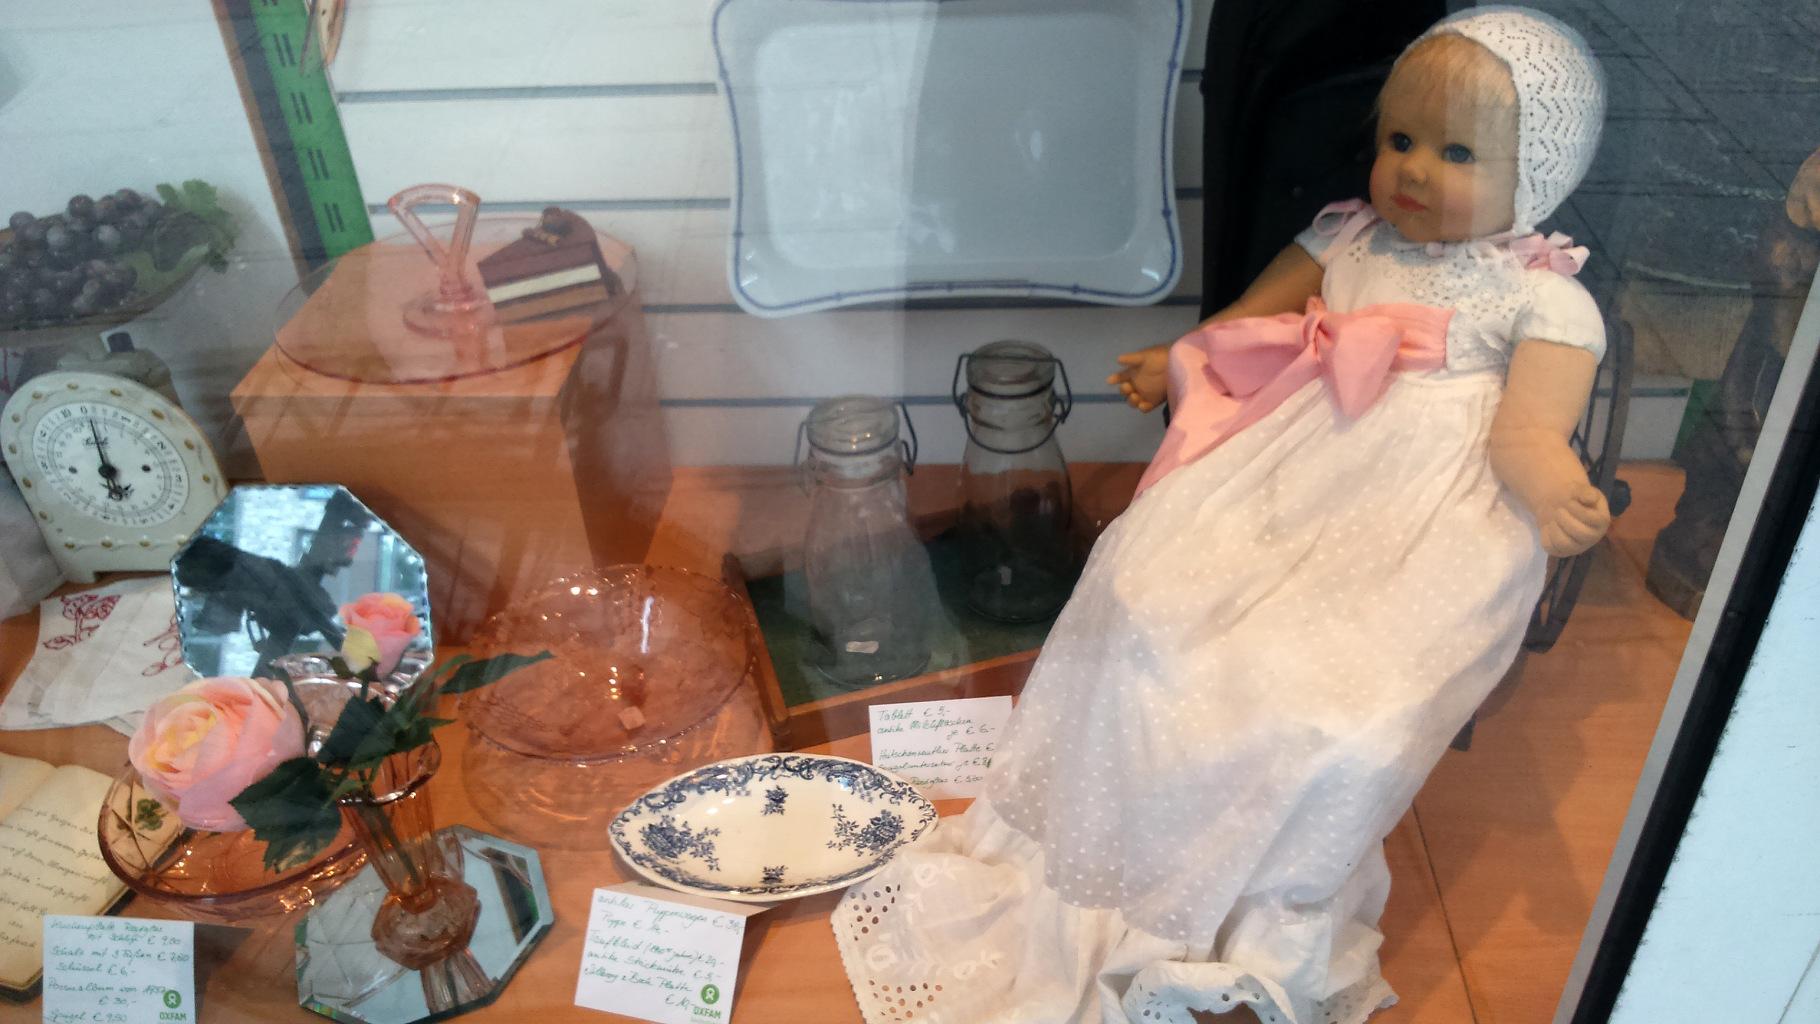 Trödel und Antikes im Schaufenster eines Oxfam Shops